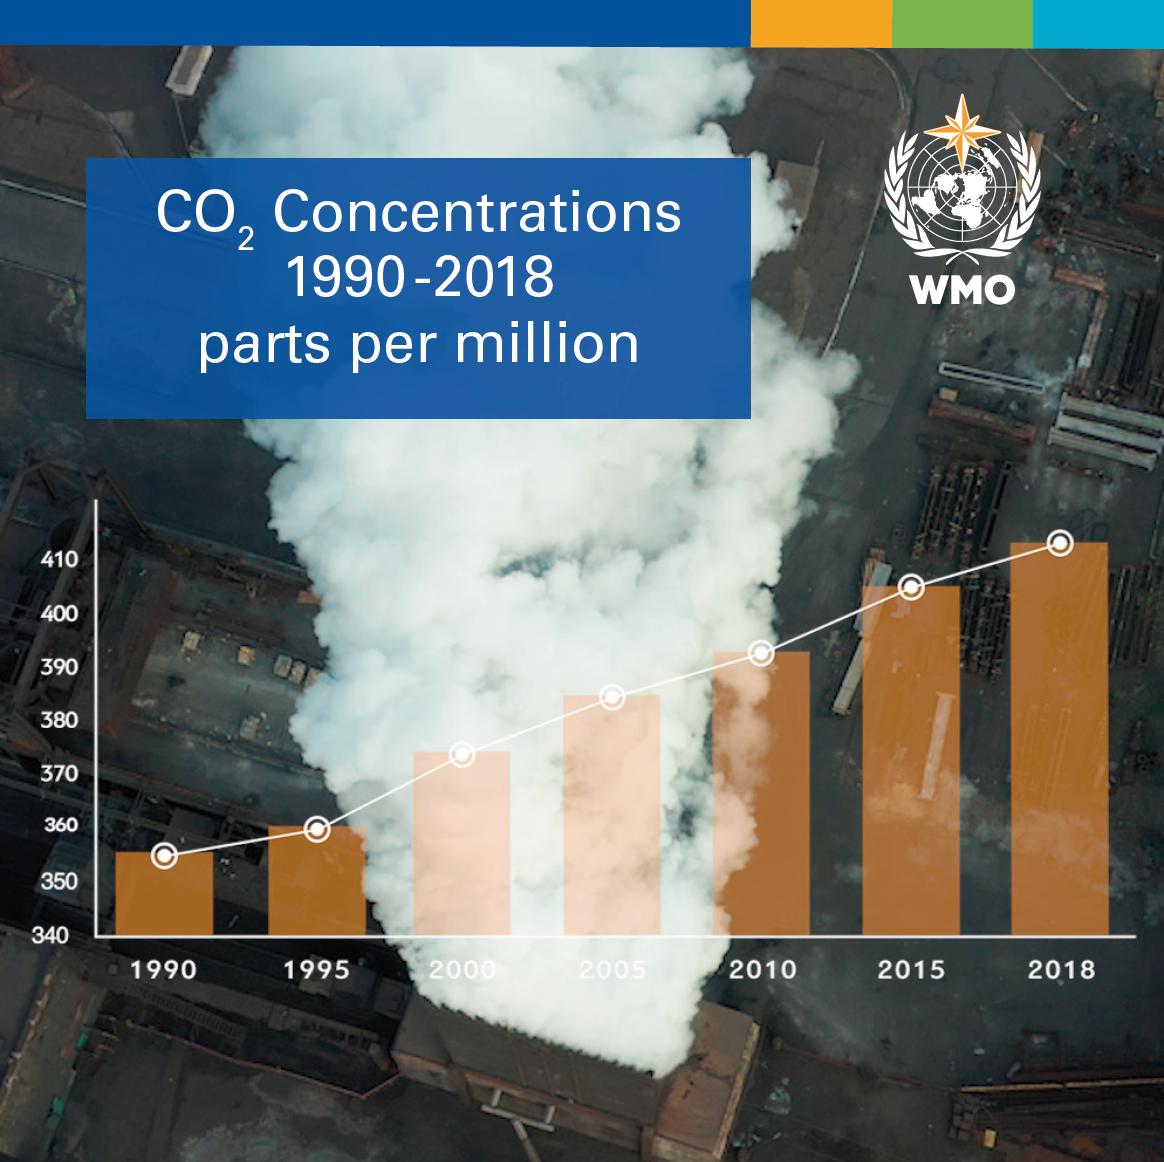 Las concentraciones de CO2 en la atmósfera alcanzan un nuevo récord